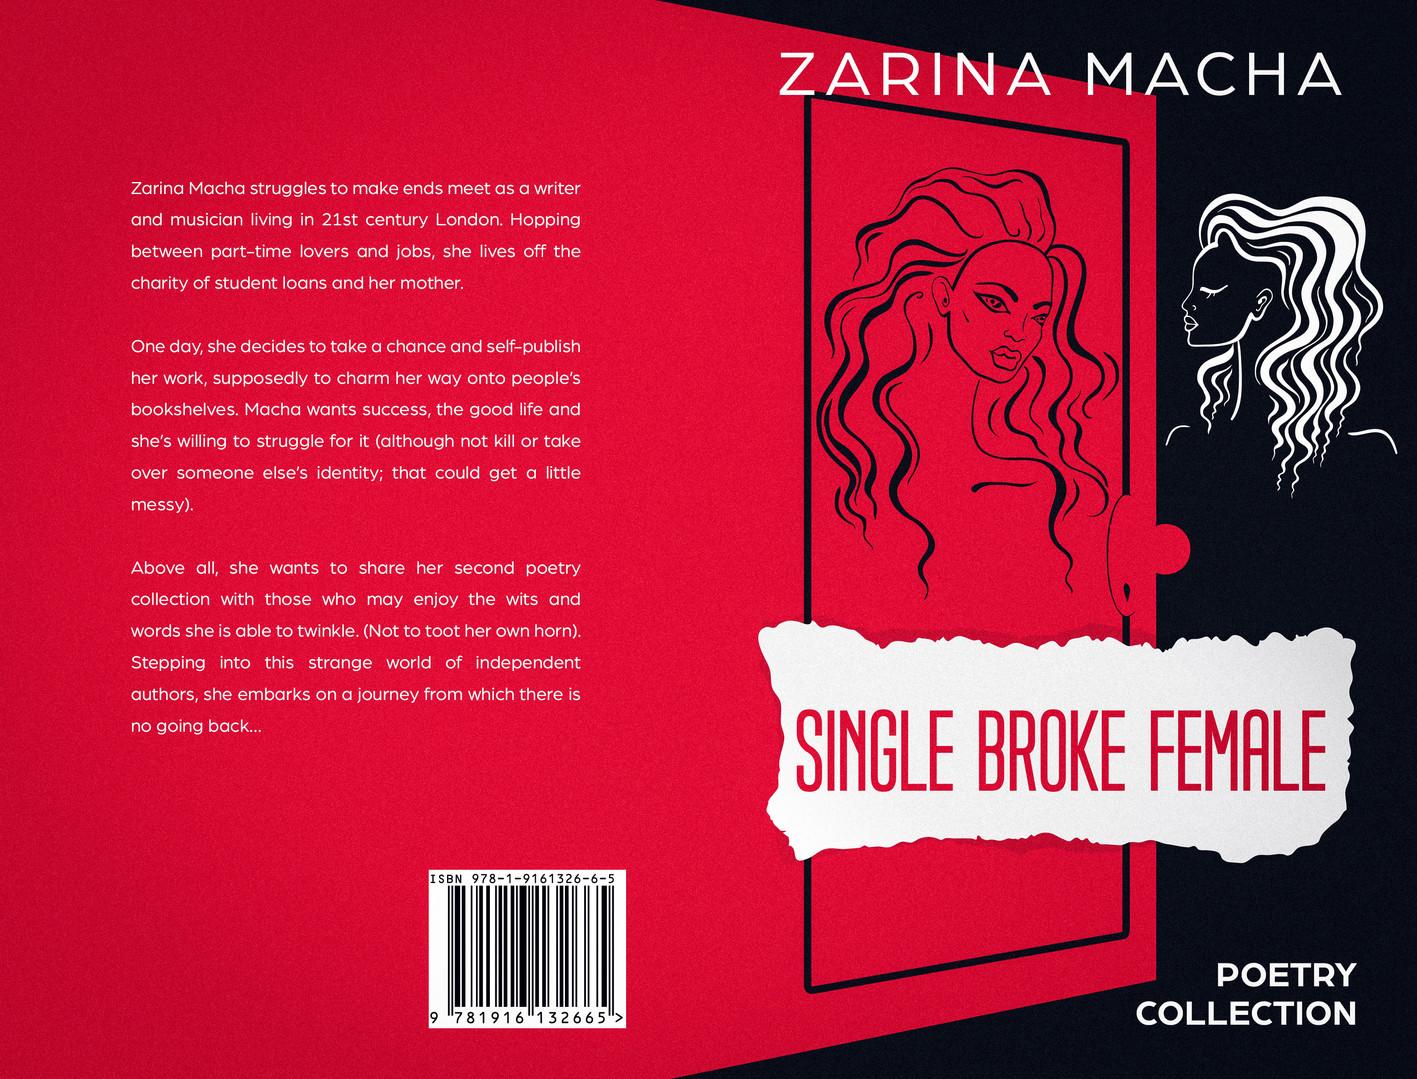 Single Broke Female Paperback Cover